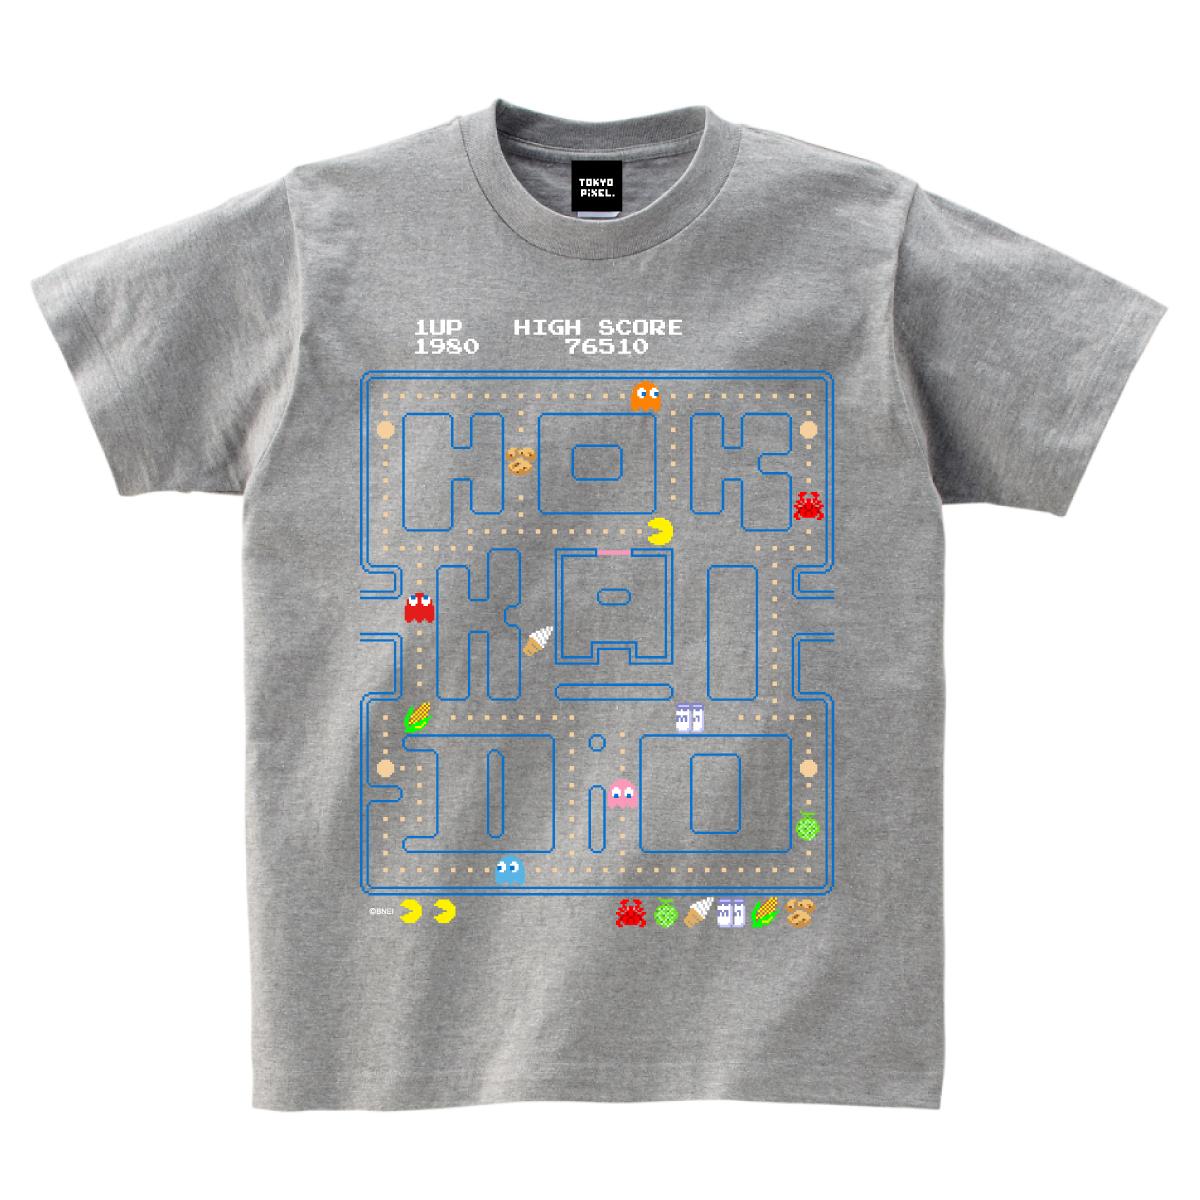 ご当地パックマン!「 Hokkaido 」 Tシャツ グレー